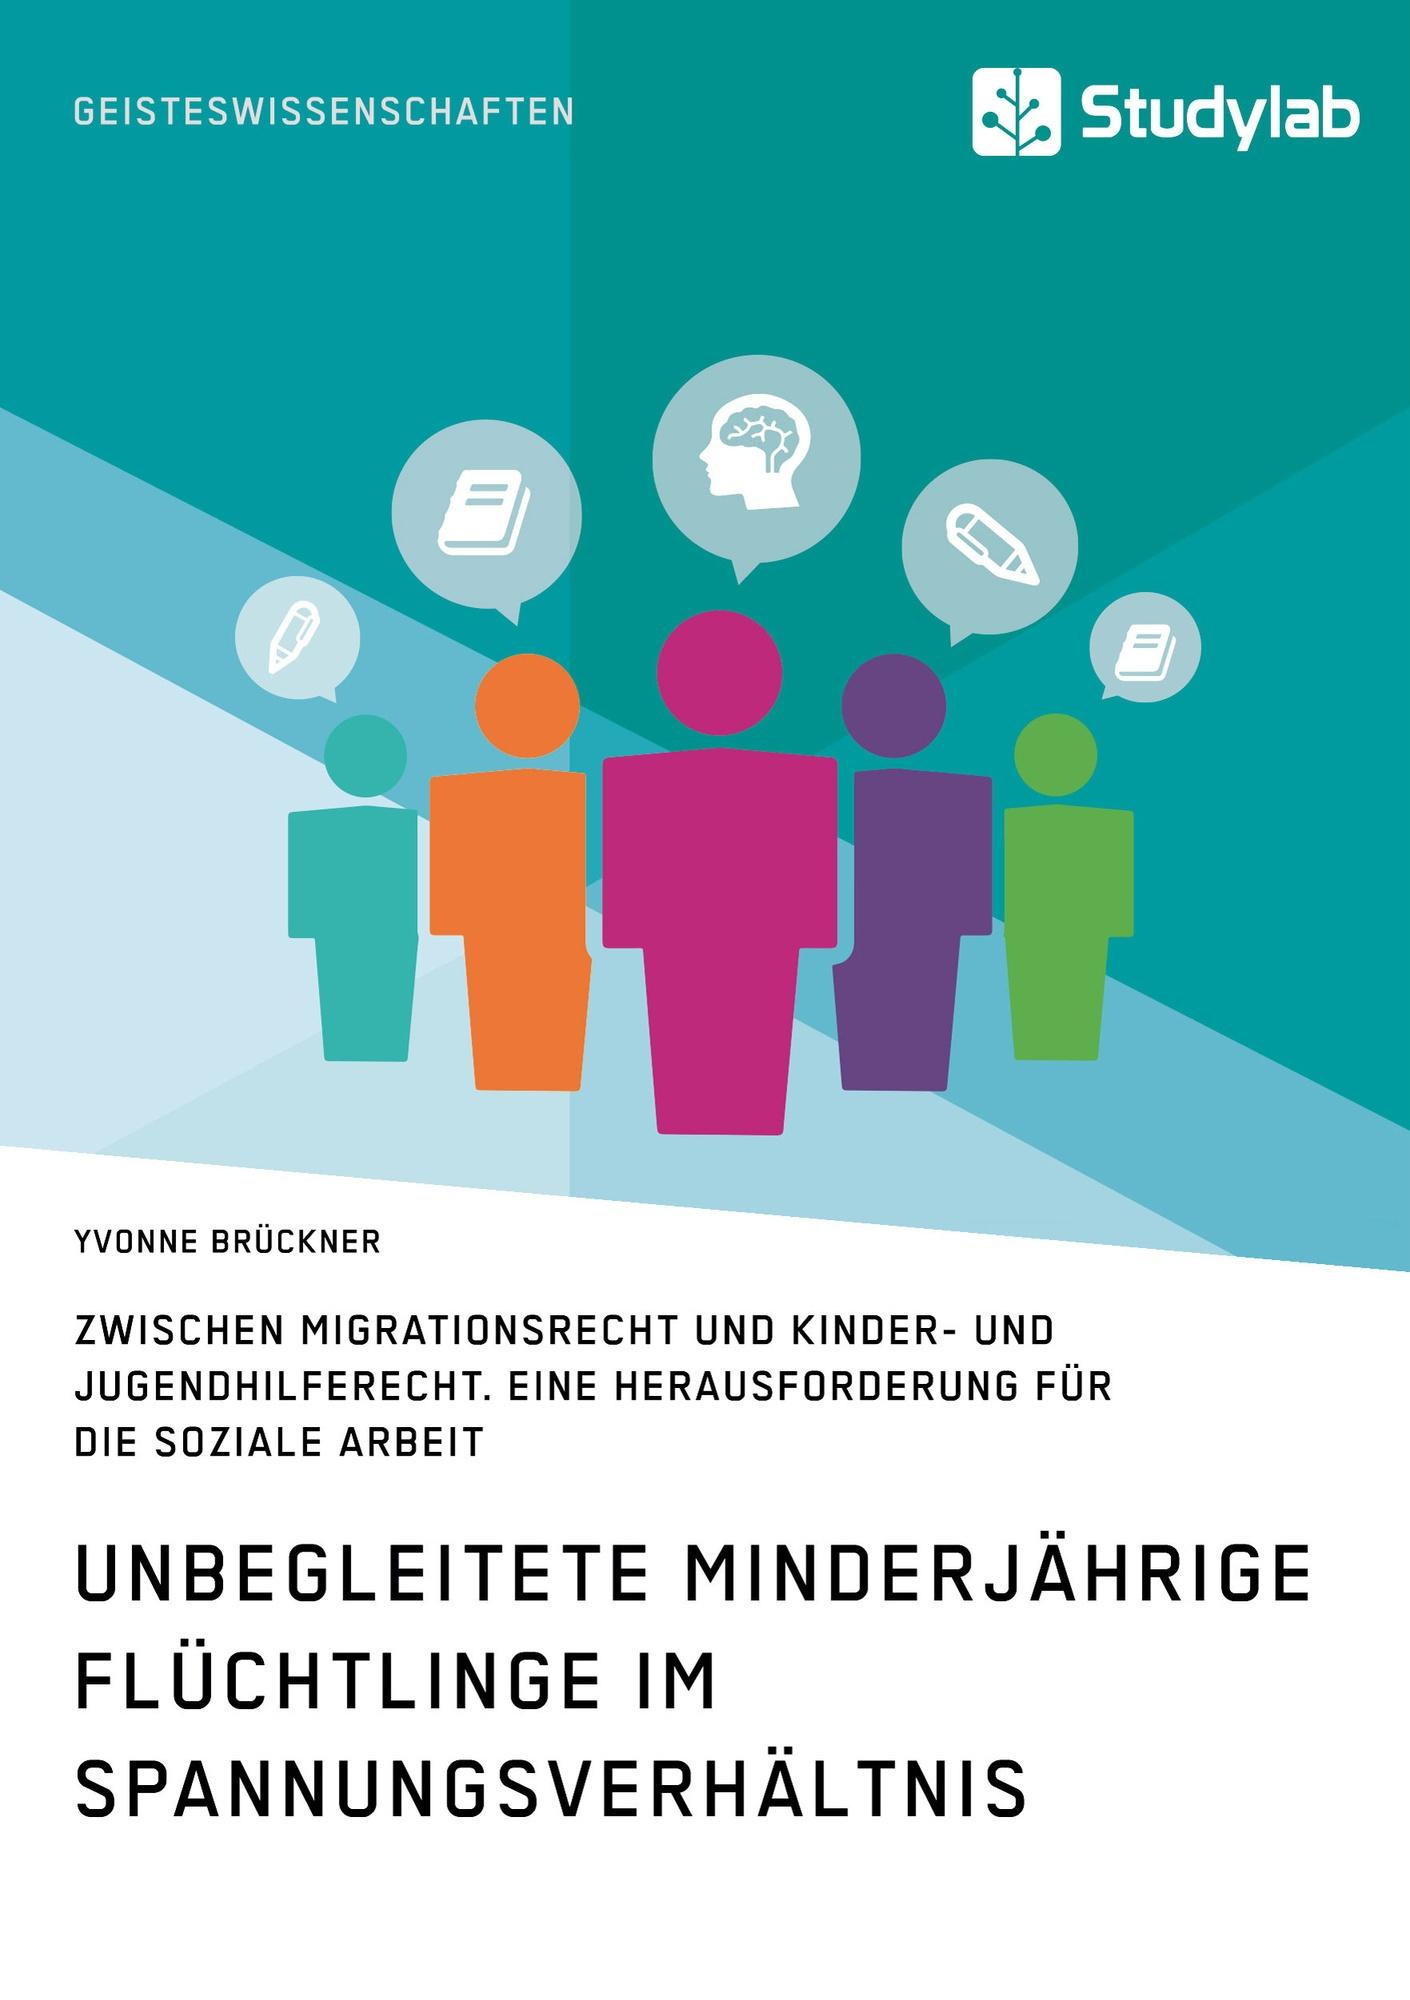 Titel: Unbegleitete minderjährige Flüchtlinge im Spannungsverhältnis zwischen Migrationsrecht und Kinder- und Jugendhilferecht. Eine Herausforderung für die Soziale Arbeit